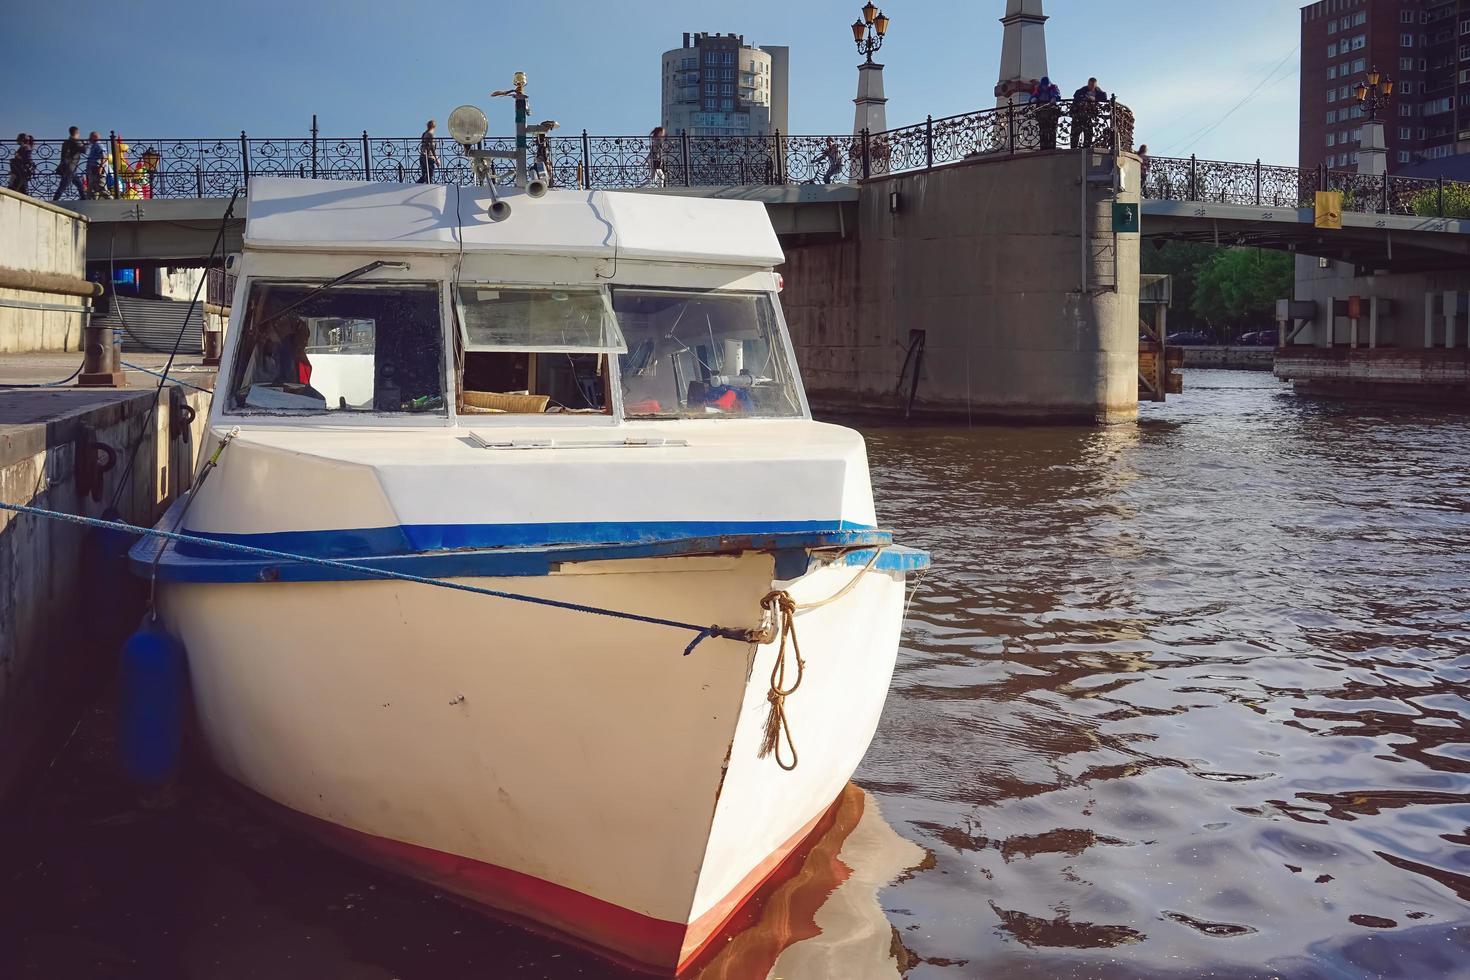 transport de l'eau sur le fond de la rivière pregol. photo